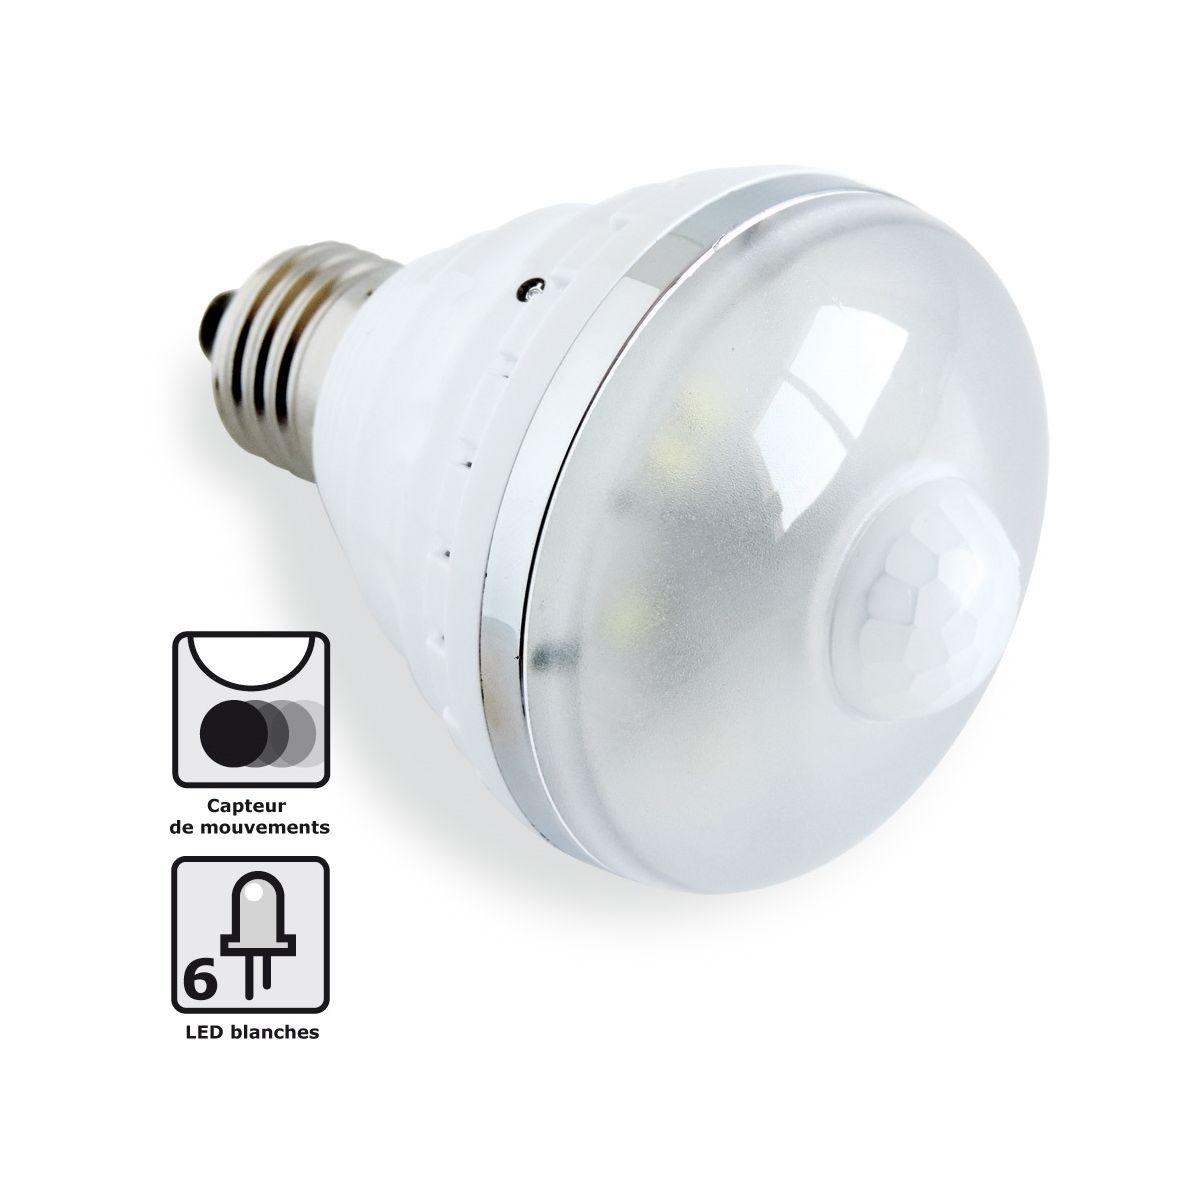 Ampoule HESTEC Ampoule LED Détect' Mouvements